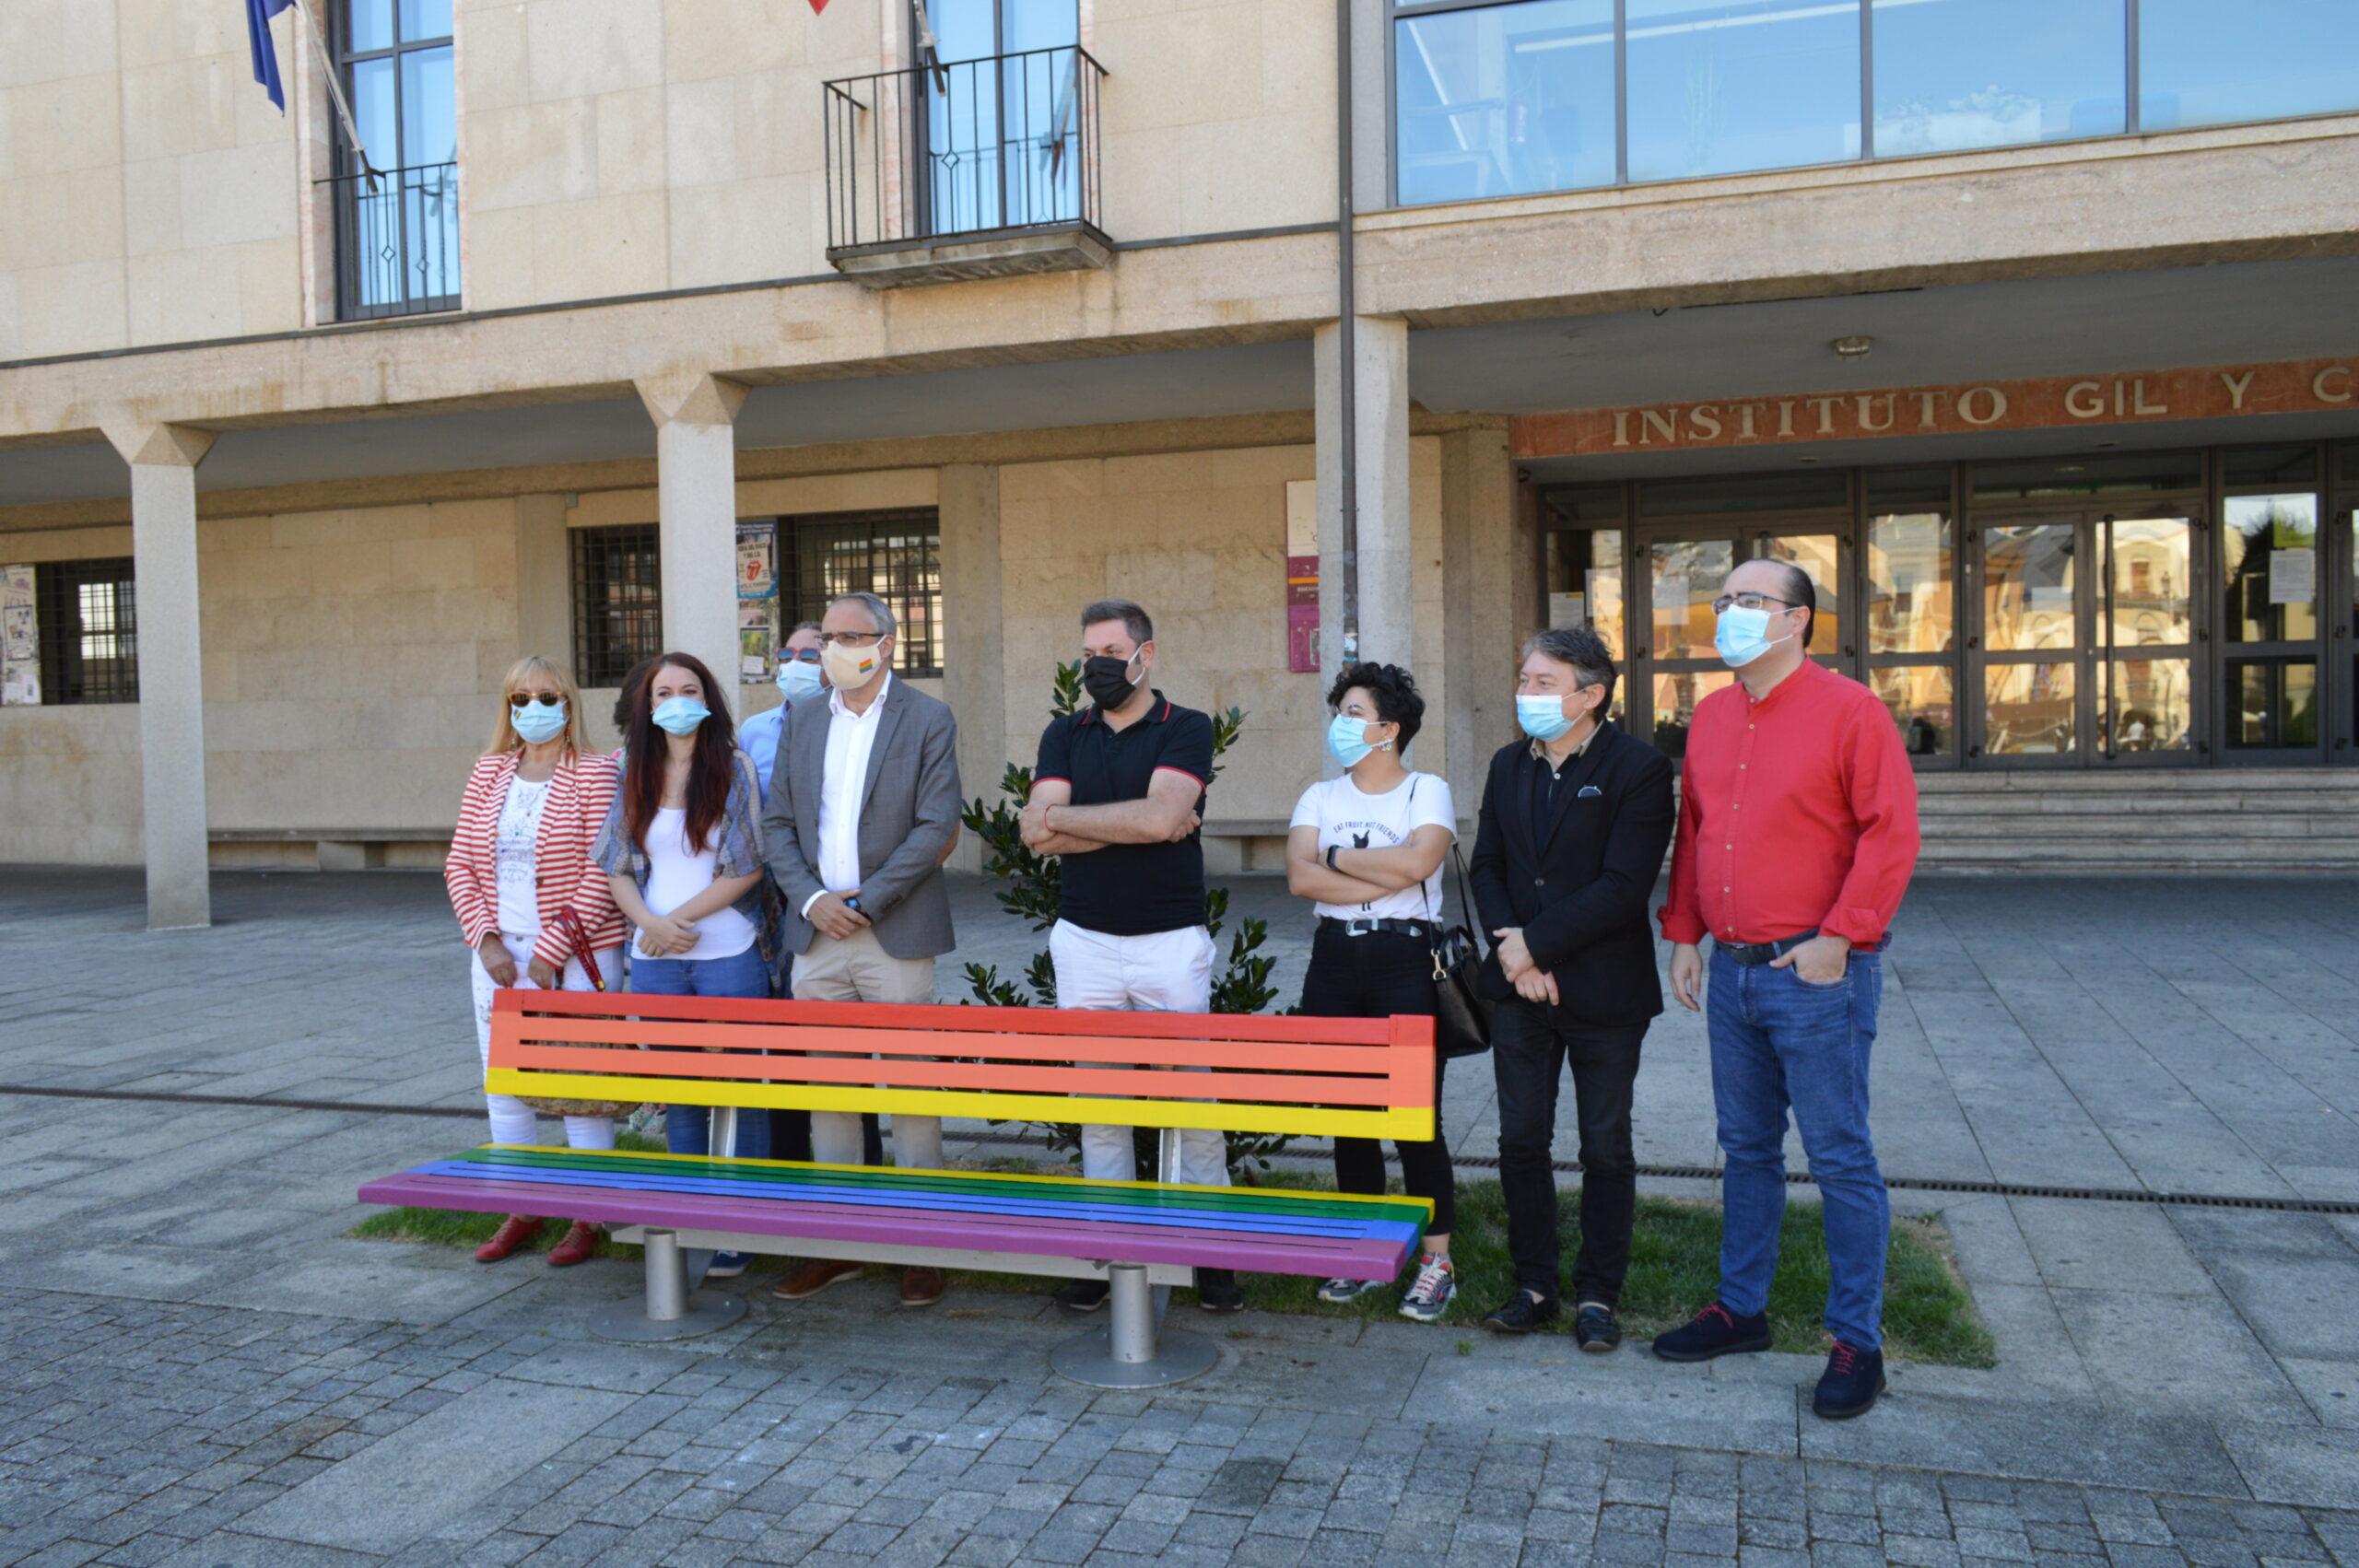 Ponferrada inaugura un banco con los colores de la bandera LGTBIQ+ 2